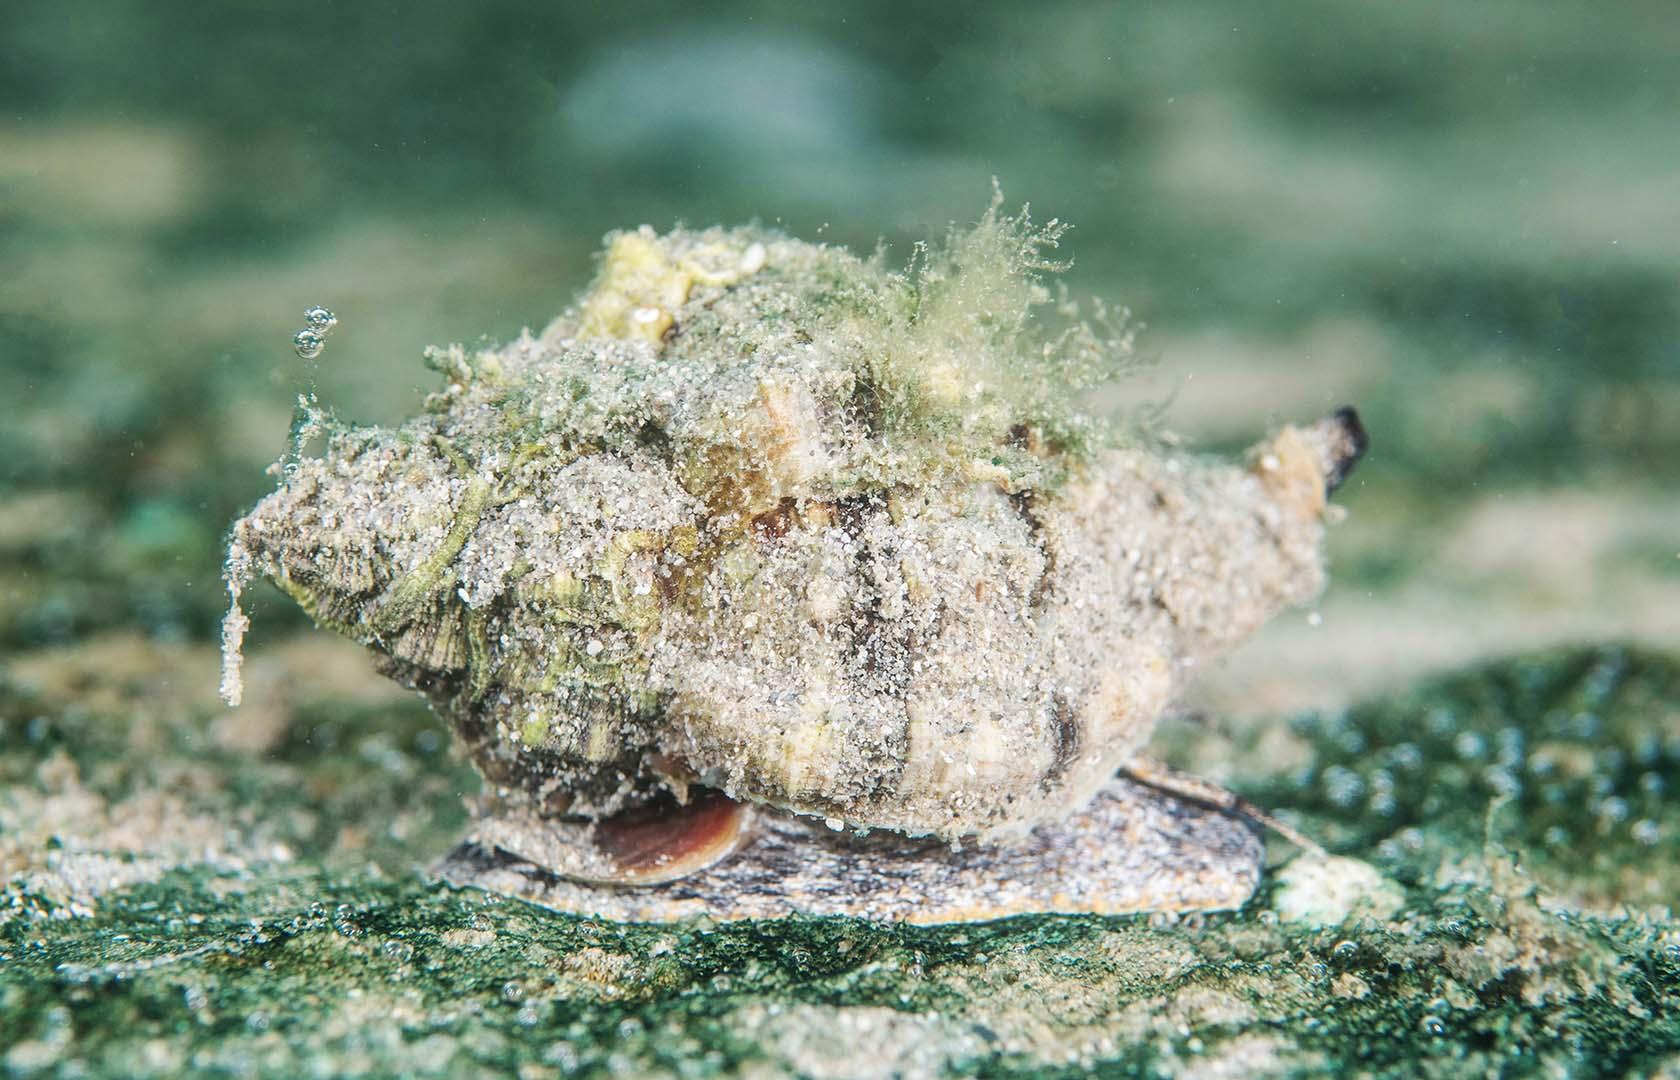 Sobre su concha suelen crecer multitud de algas.